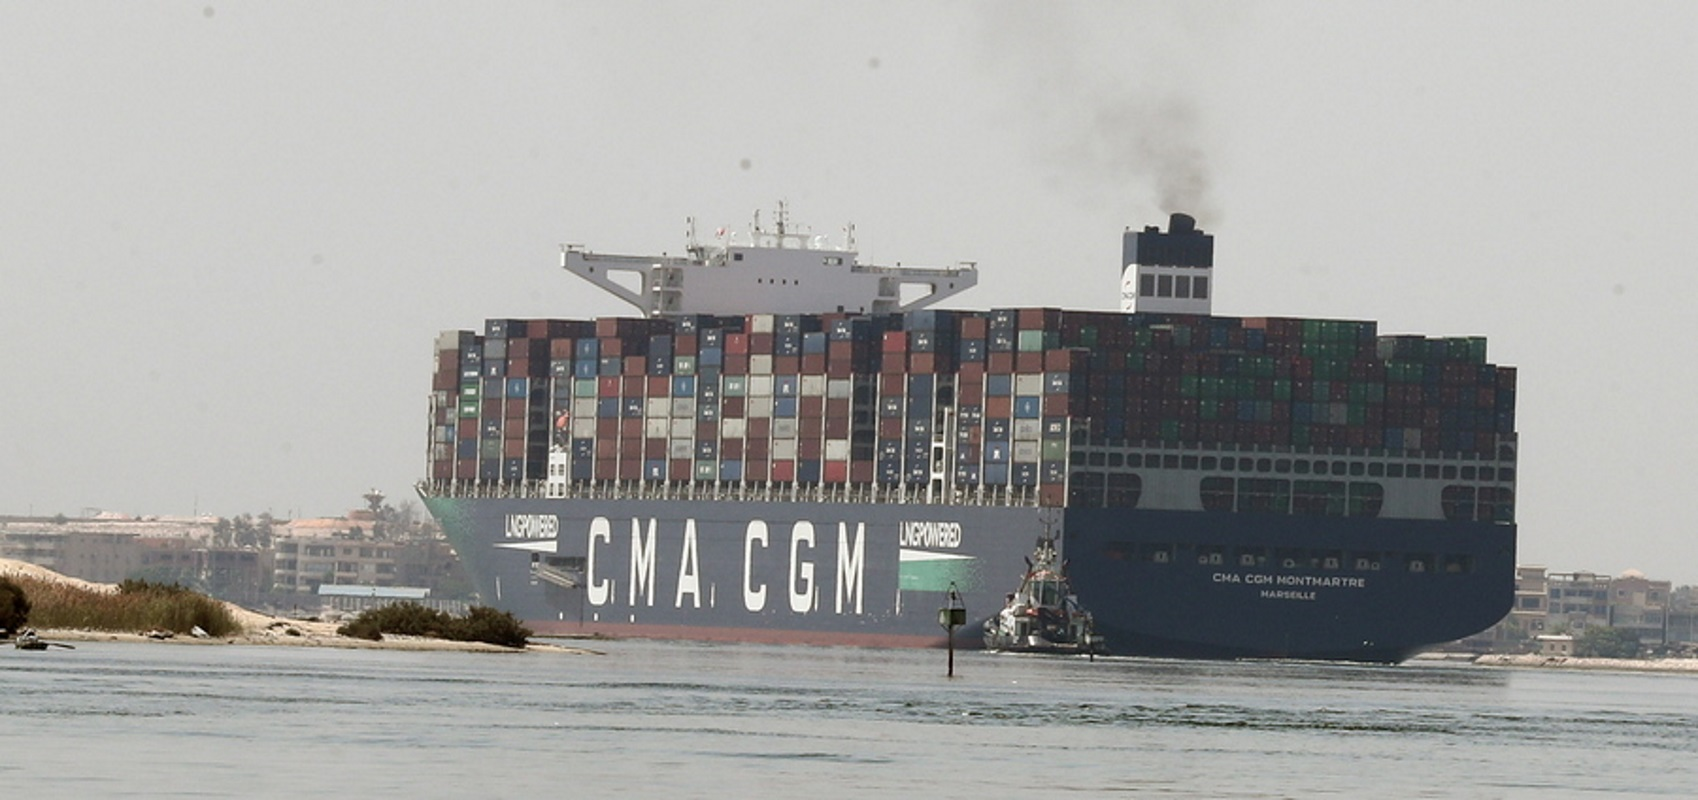 Αίγυπτος: Πλοίο μεταφοράς εμπορευματοκιβωτίων προσάραξε στο Σουέζ – Κανένα πρόβλημα στη Διώρυγα